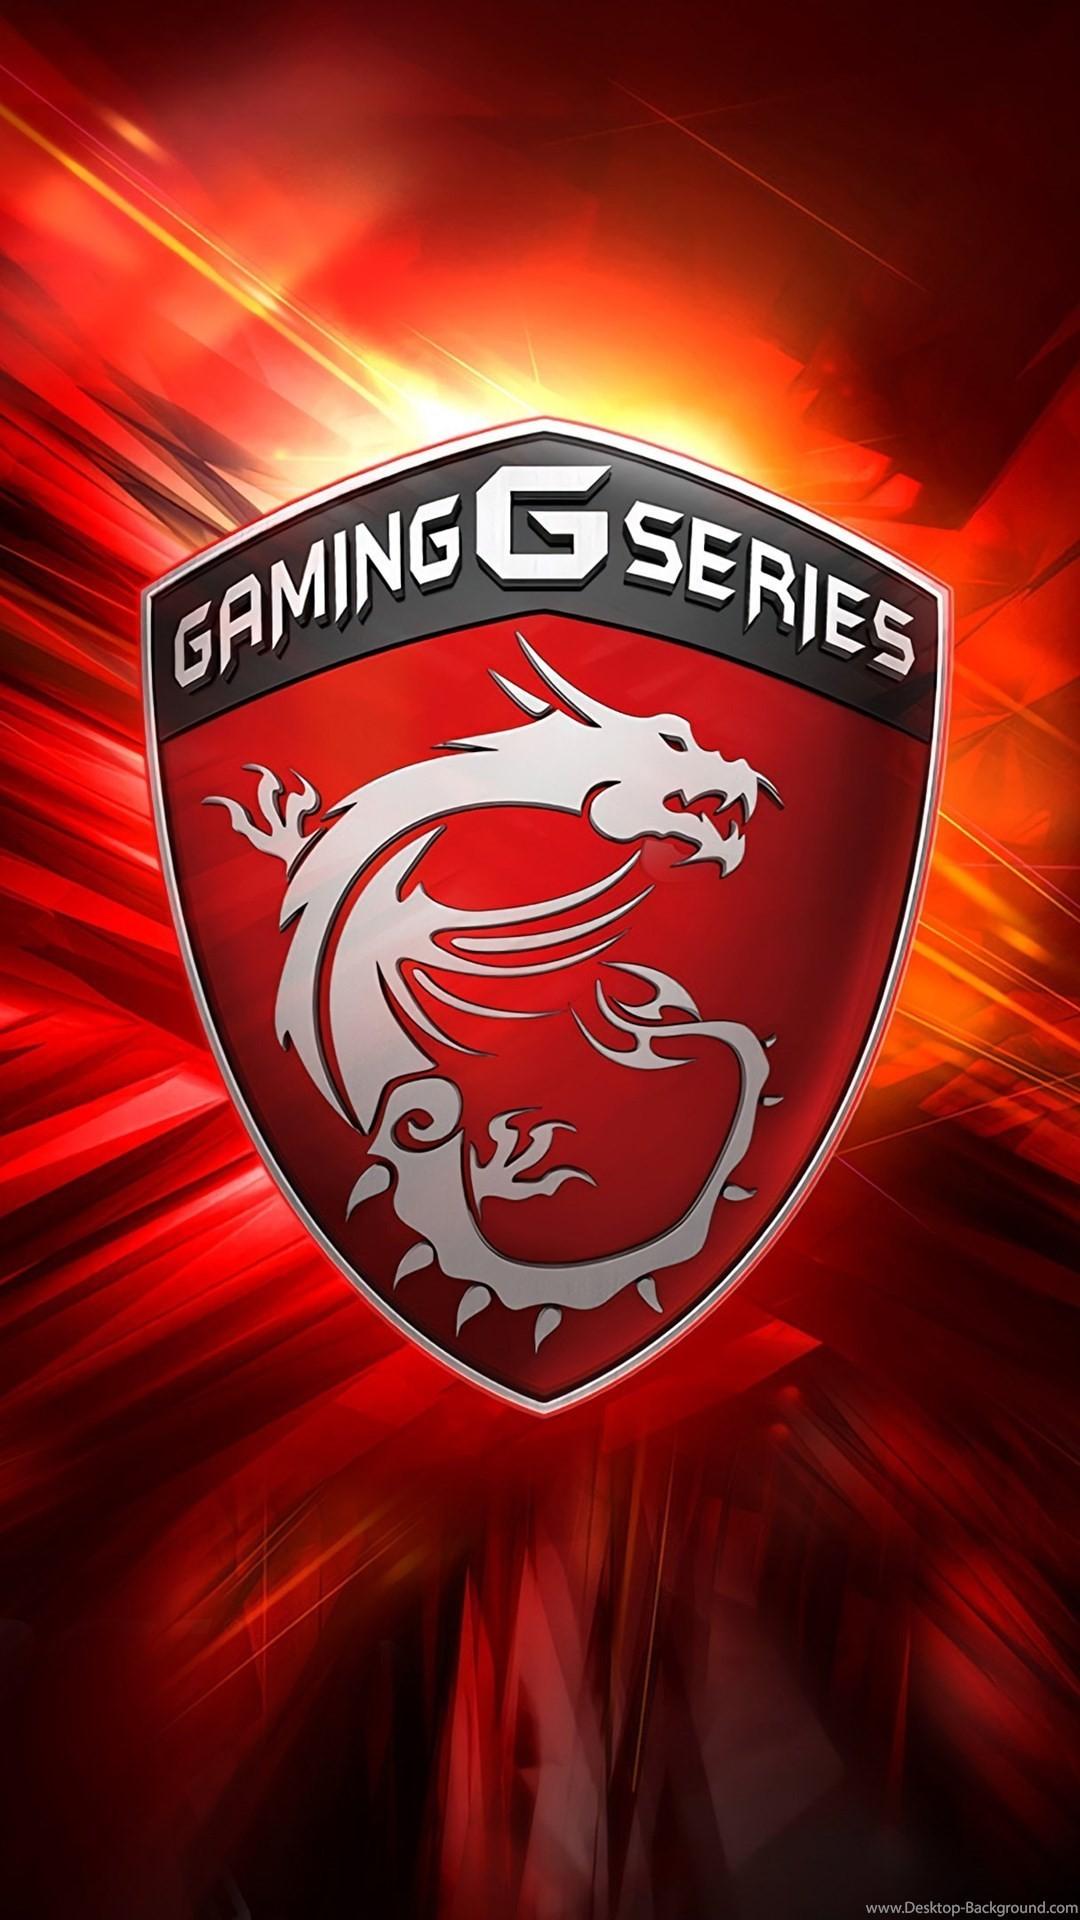 Msi Gaming Series Wallpaper 88 Images